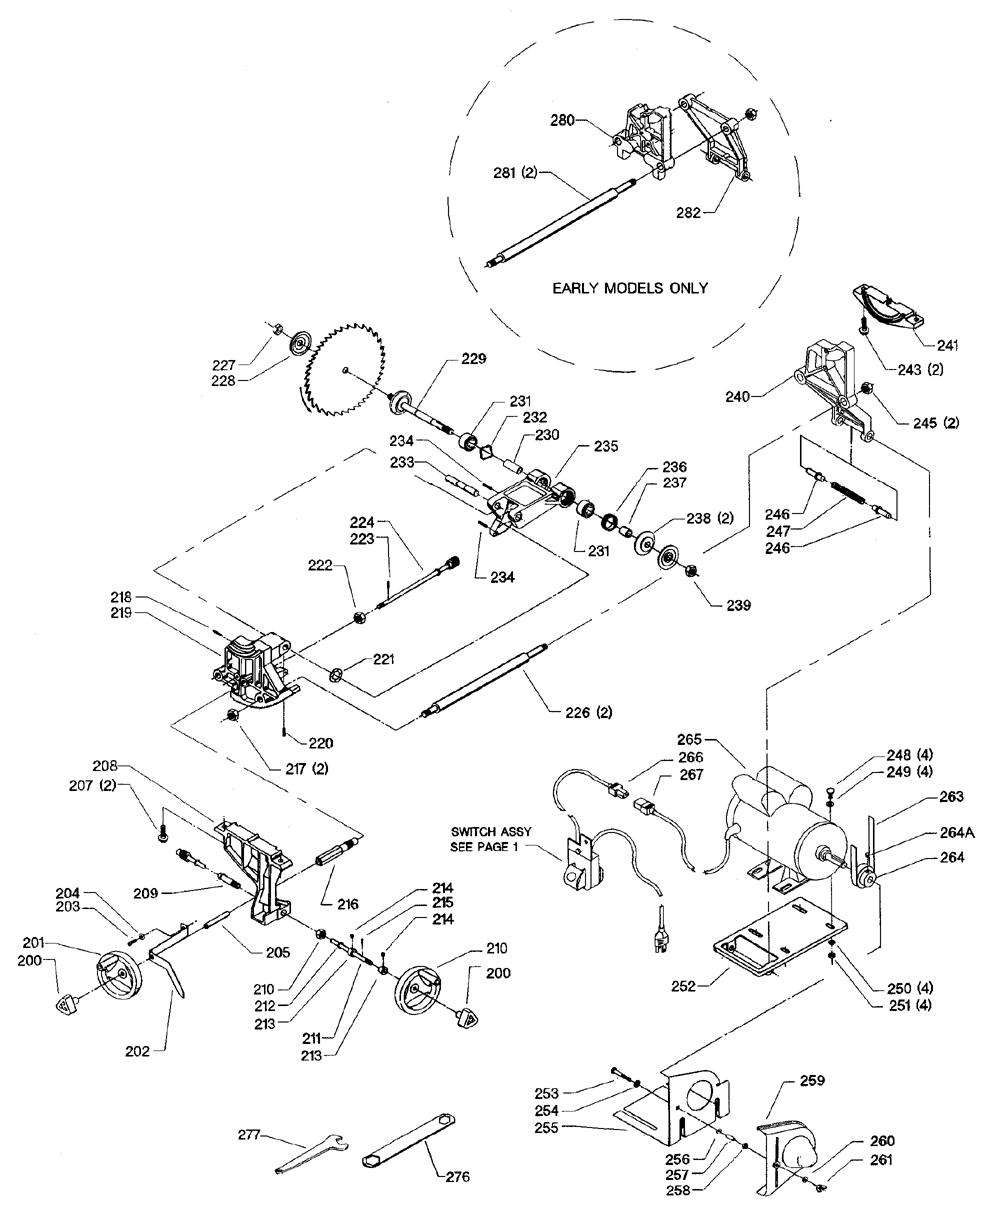 34-445-Delta-T4-PB-1Break Down